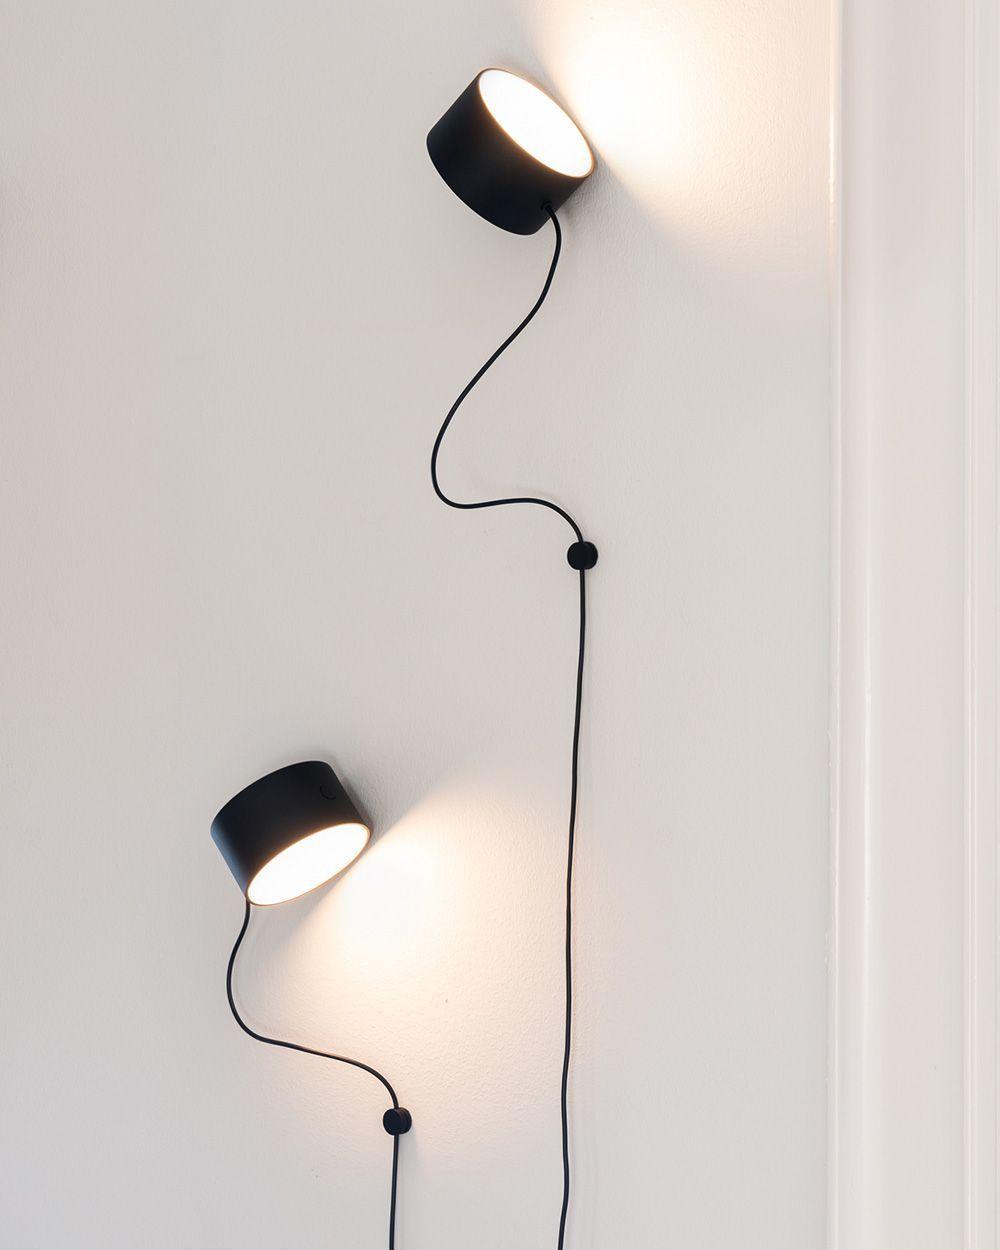 Muuto Post Led Wandlamp Lamptwist Muur Verlichting Designverlichting Wandlamp